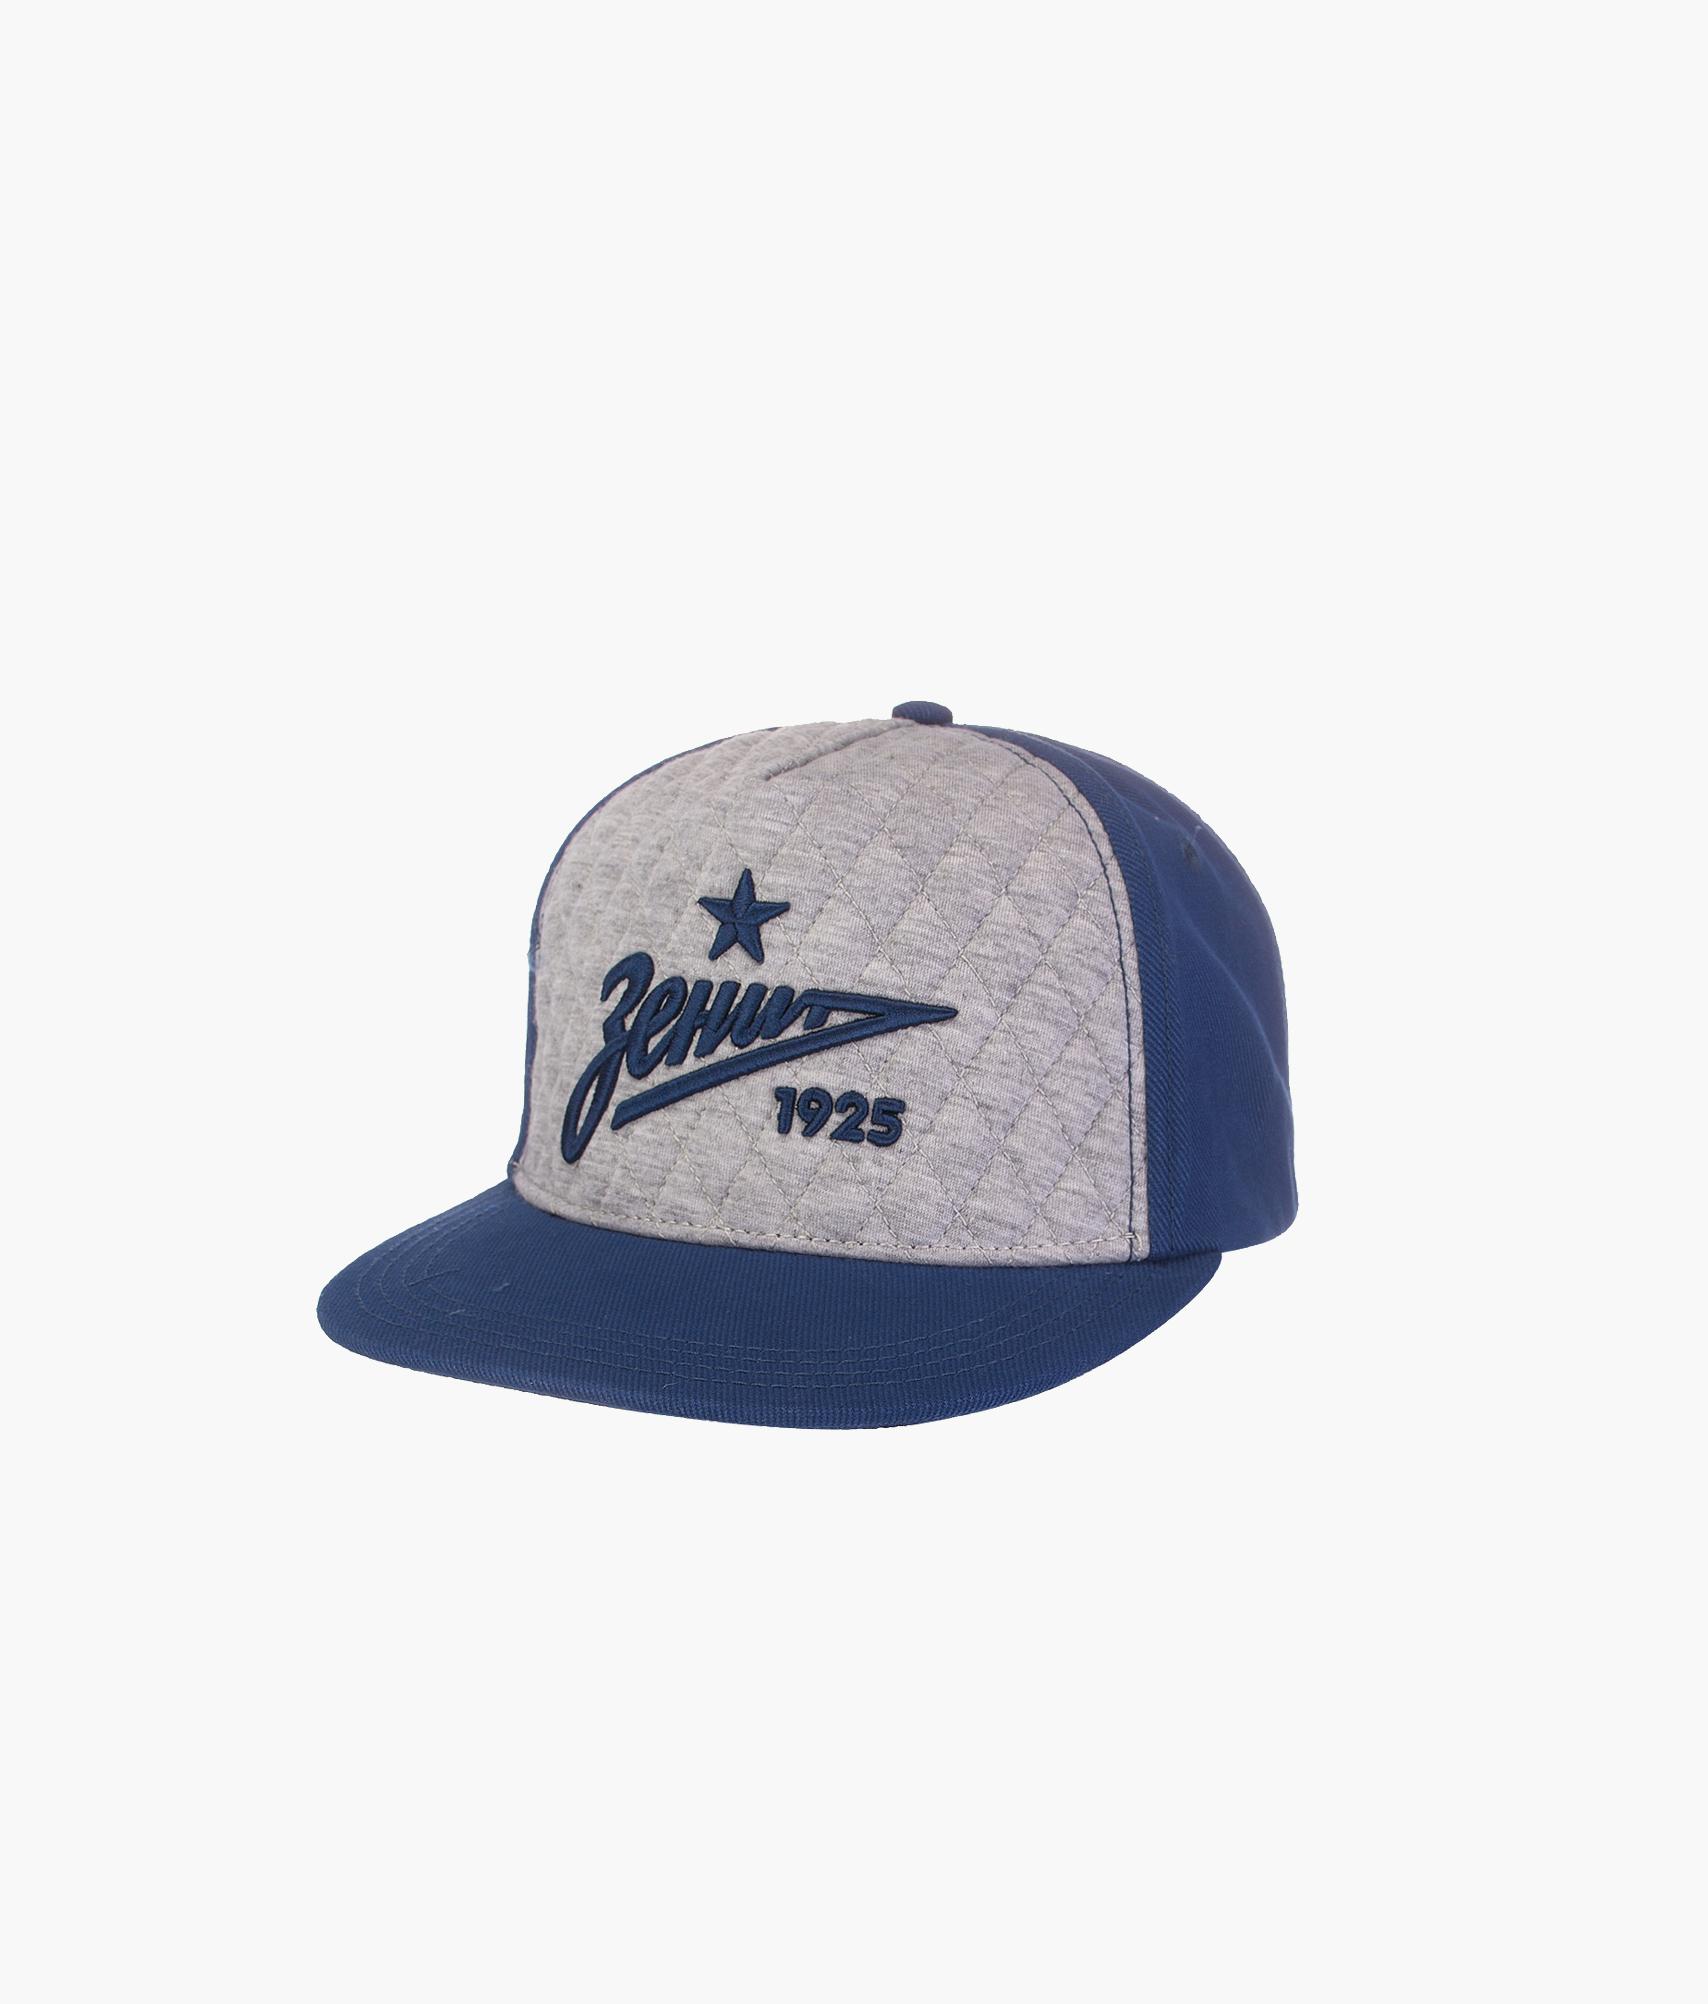 Бейсболка мужская Зенит Цвет-Синий-Серый бейсболка мужская quiksilver starkness цвет темно синий aqyha04308 bng0 размер универсальный